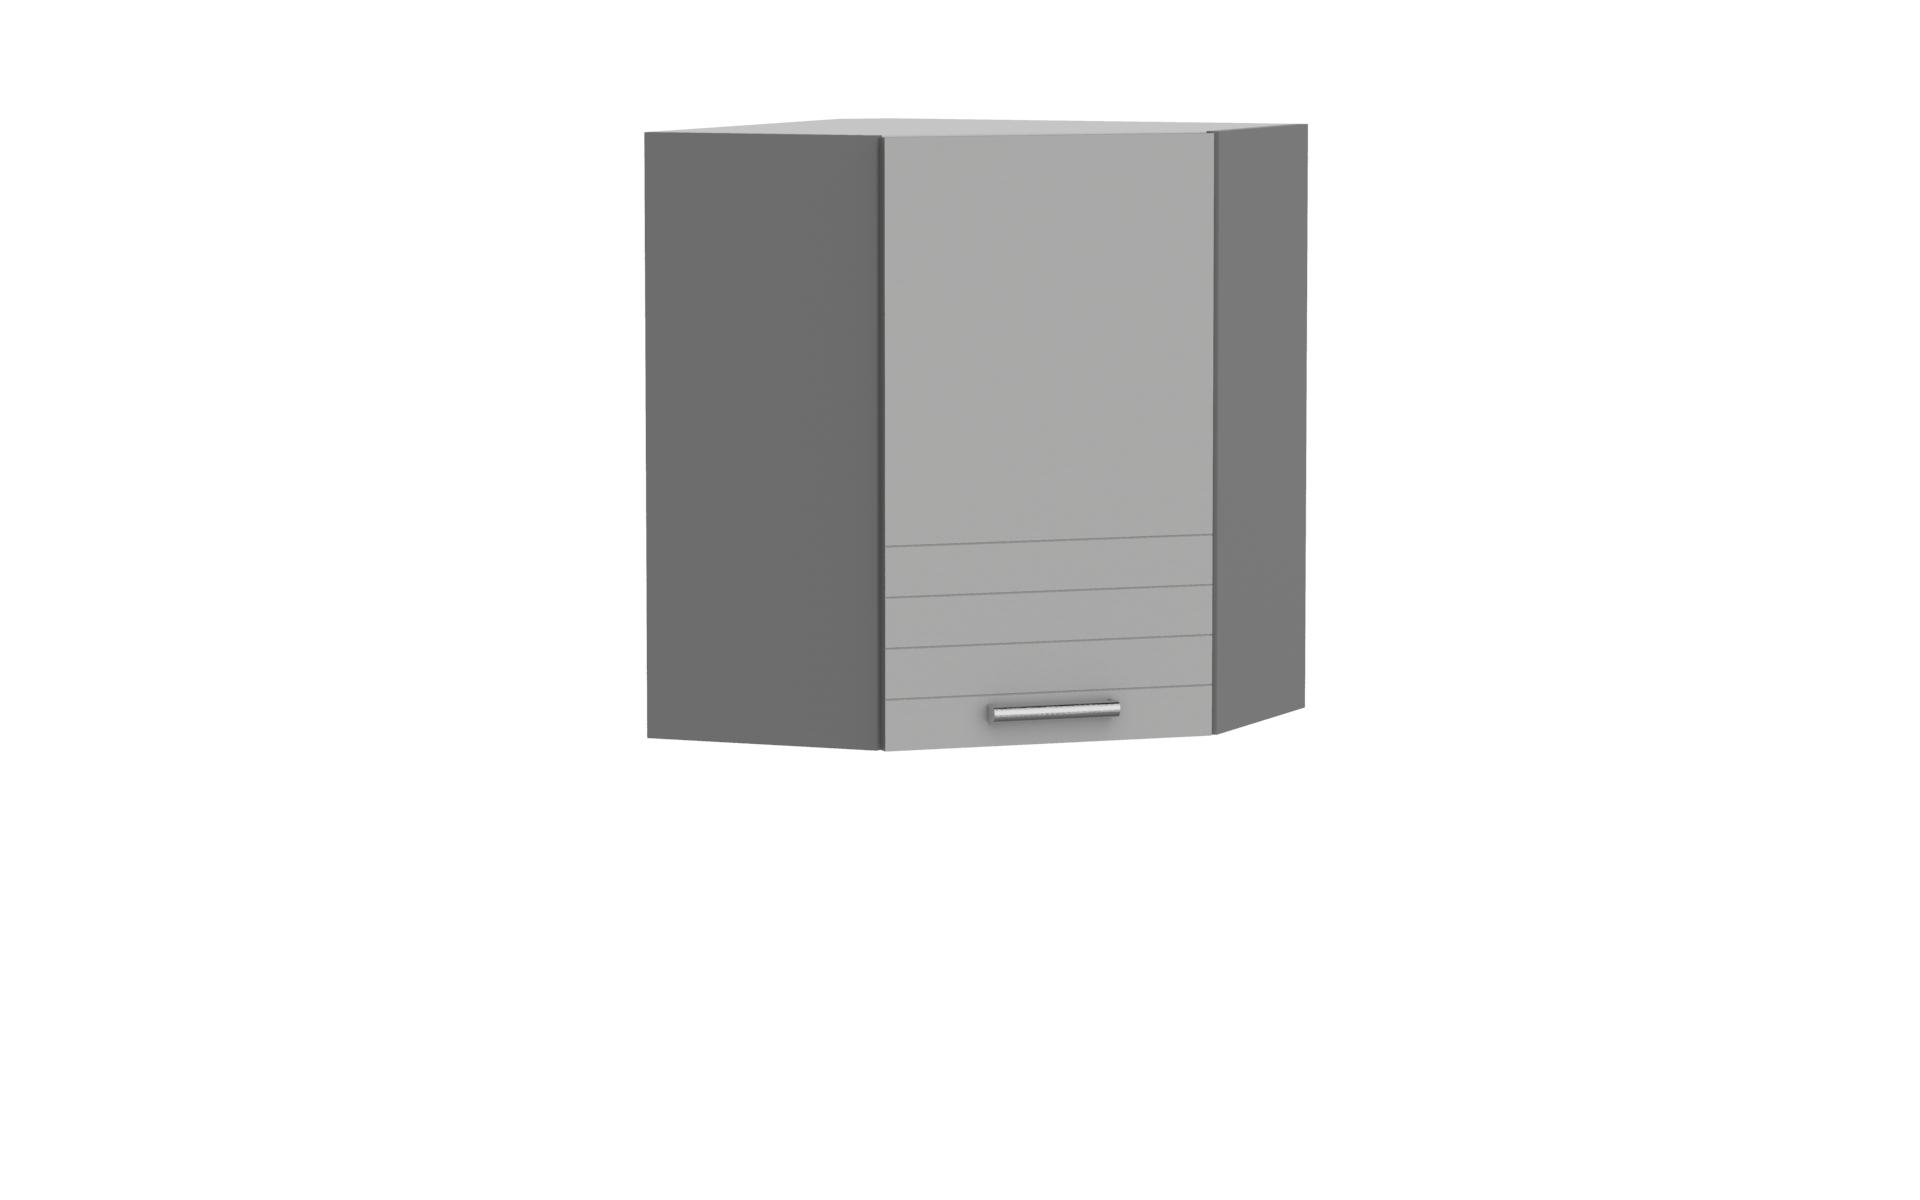 Eckoberschrank 60x60 cm / 72 cm Paula Grau